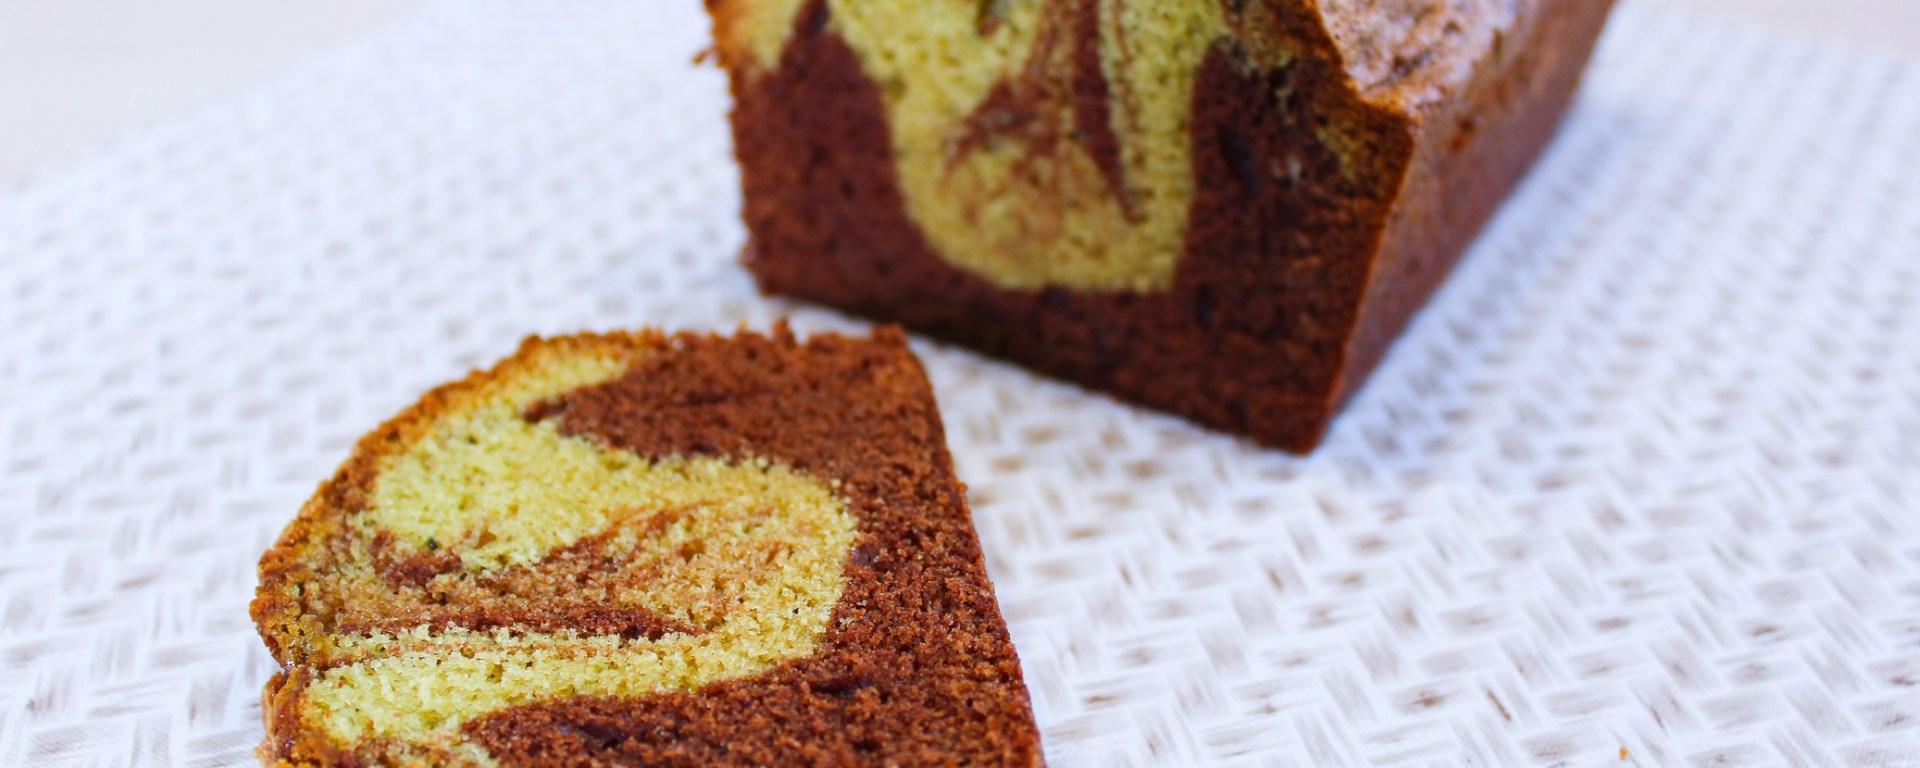 Délicimô ! - Recette du Cake Marbré Chocolat Pistache Choco - www.delicimo.fr